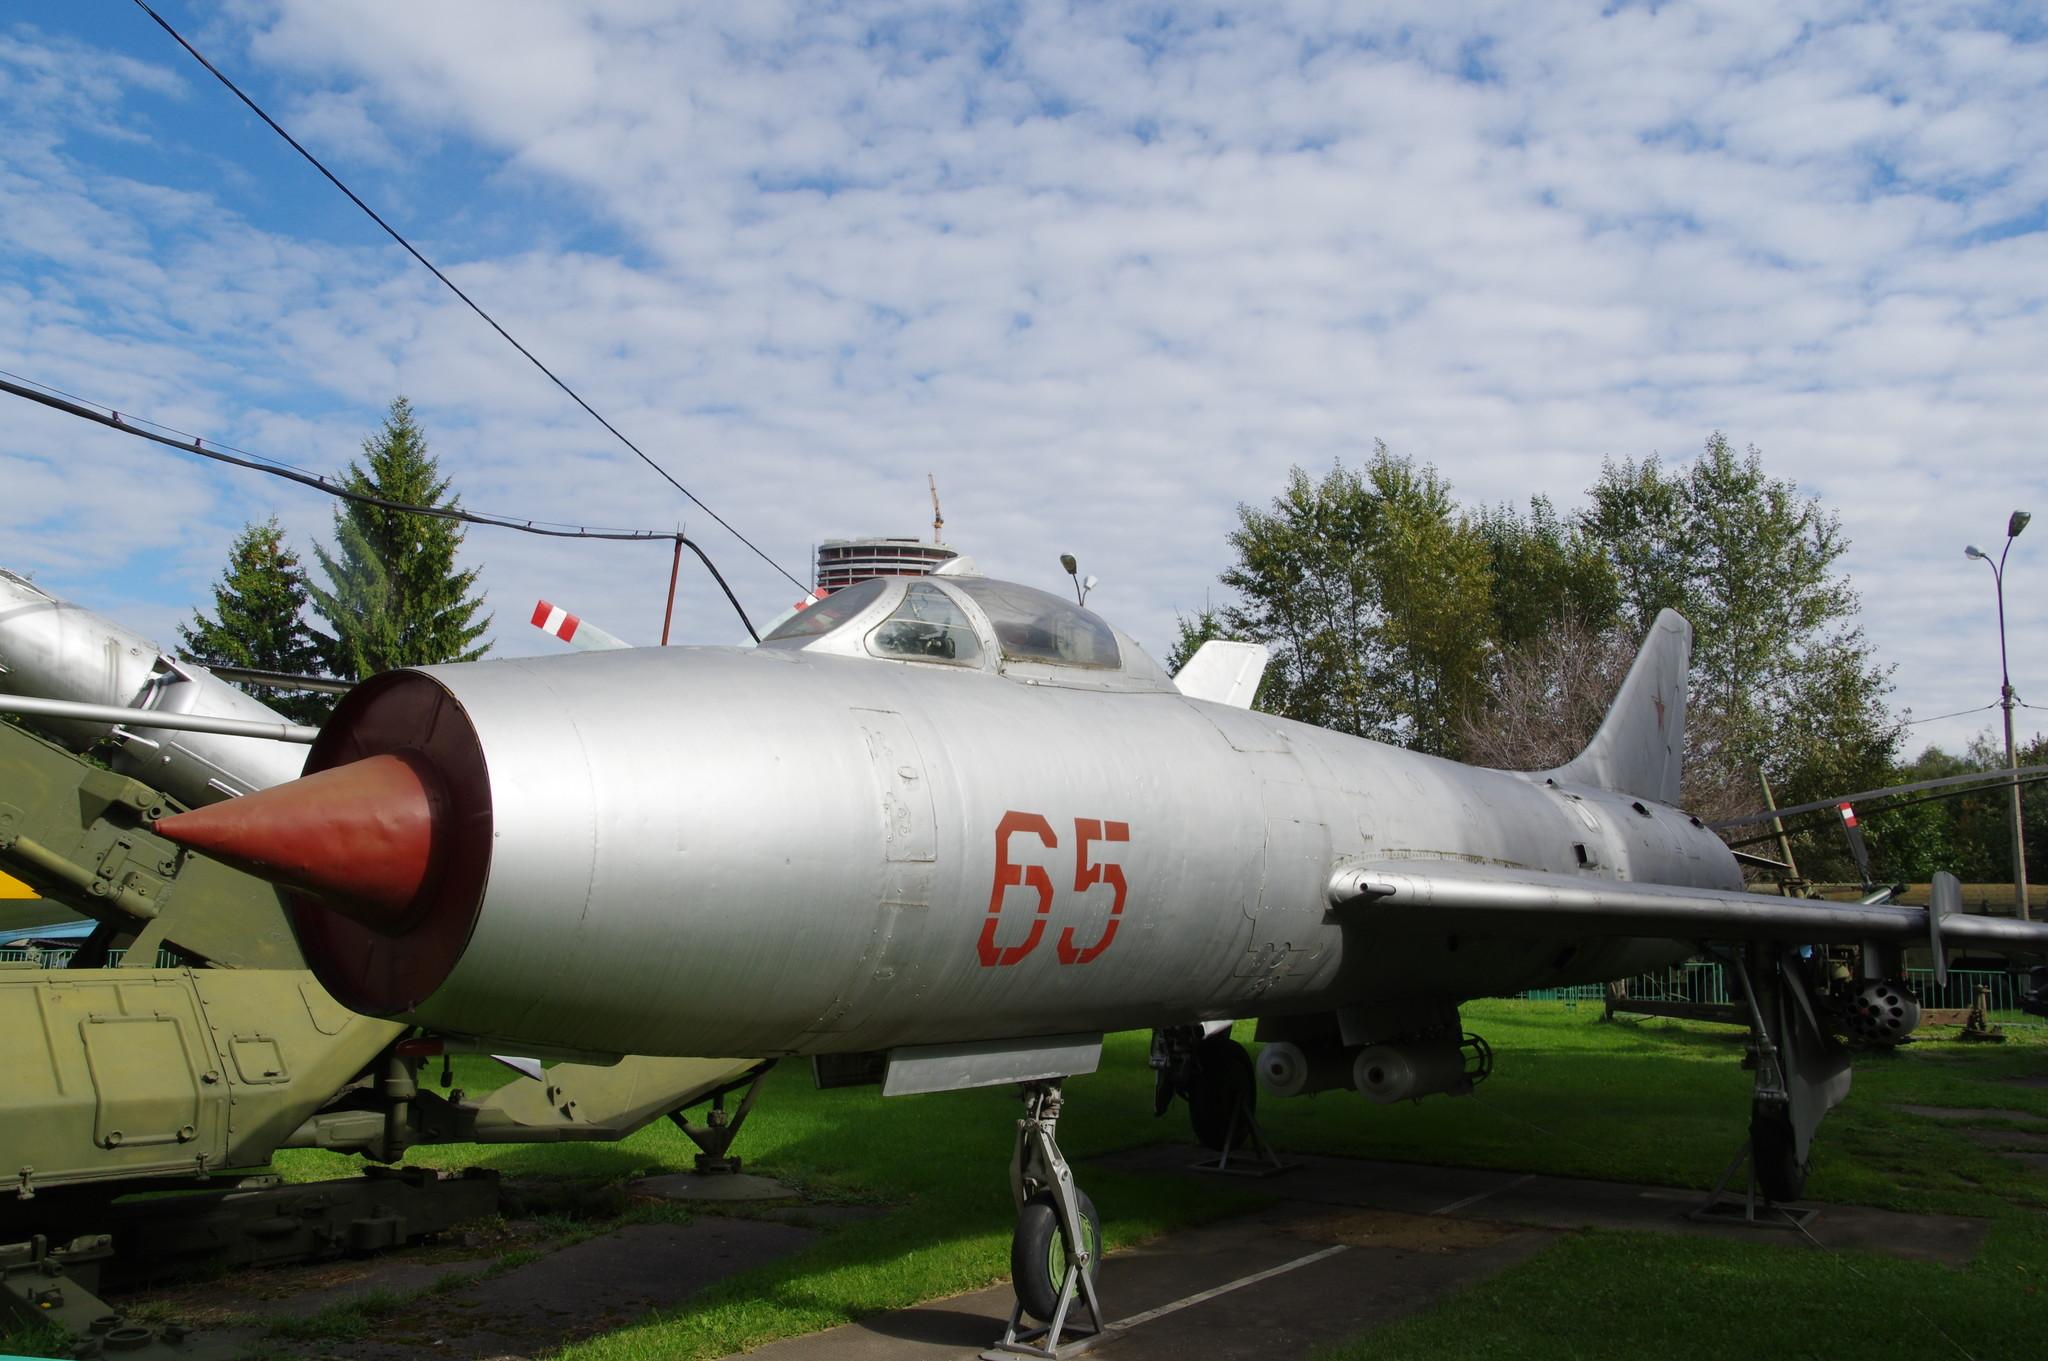 Реактивный истребитель-бомбардировщик Су-7Б. Центральный музей Вооружённых сил Российской Федерации (улица Советской Армии, 2)